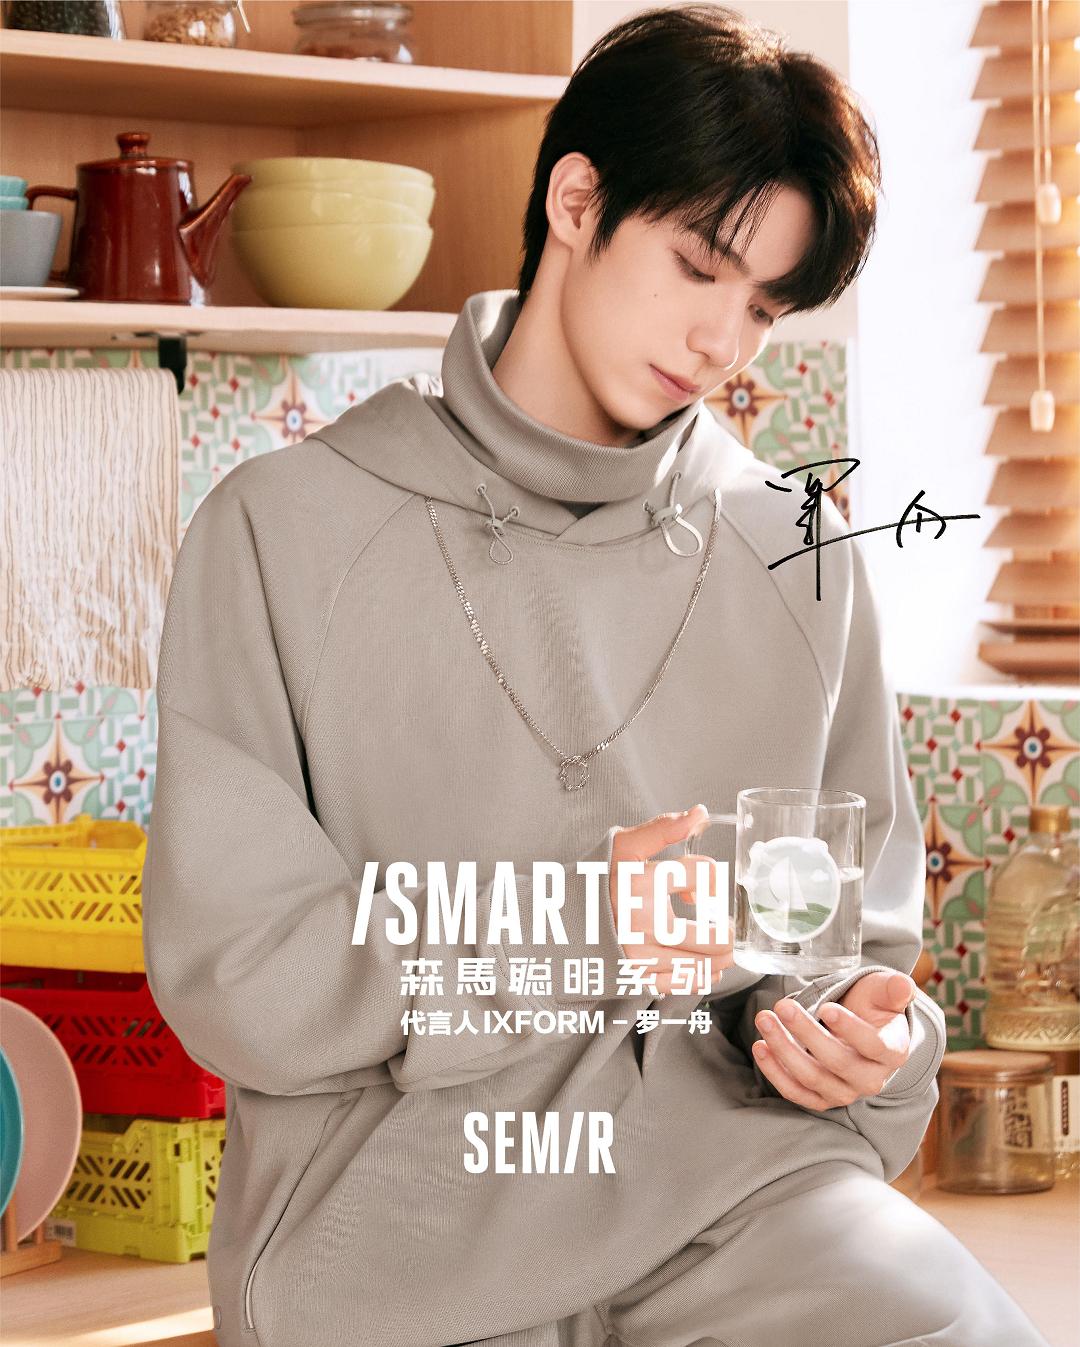 森马推出全新SMARTECH系列 携手新生代偶像罗一舟